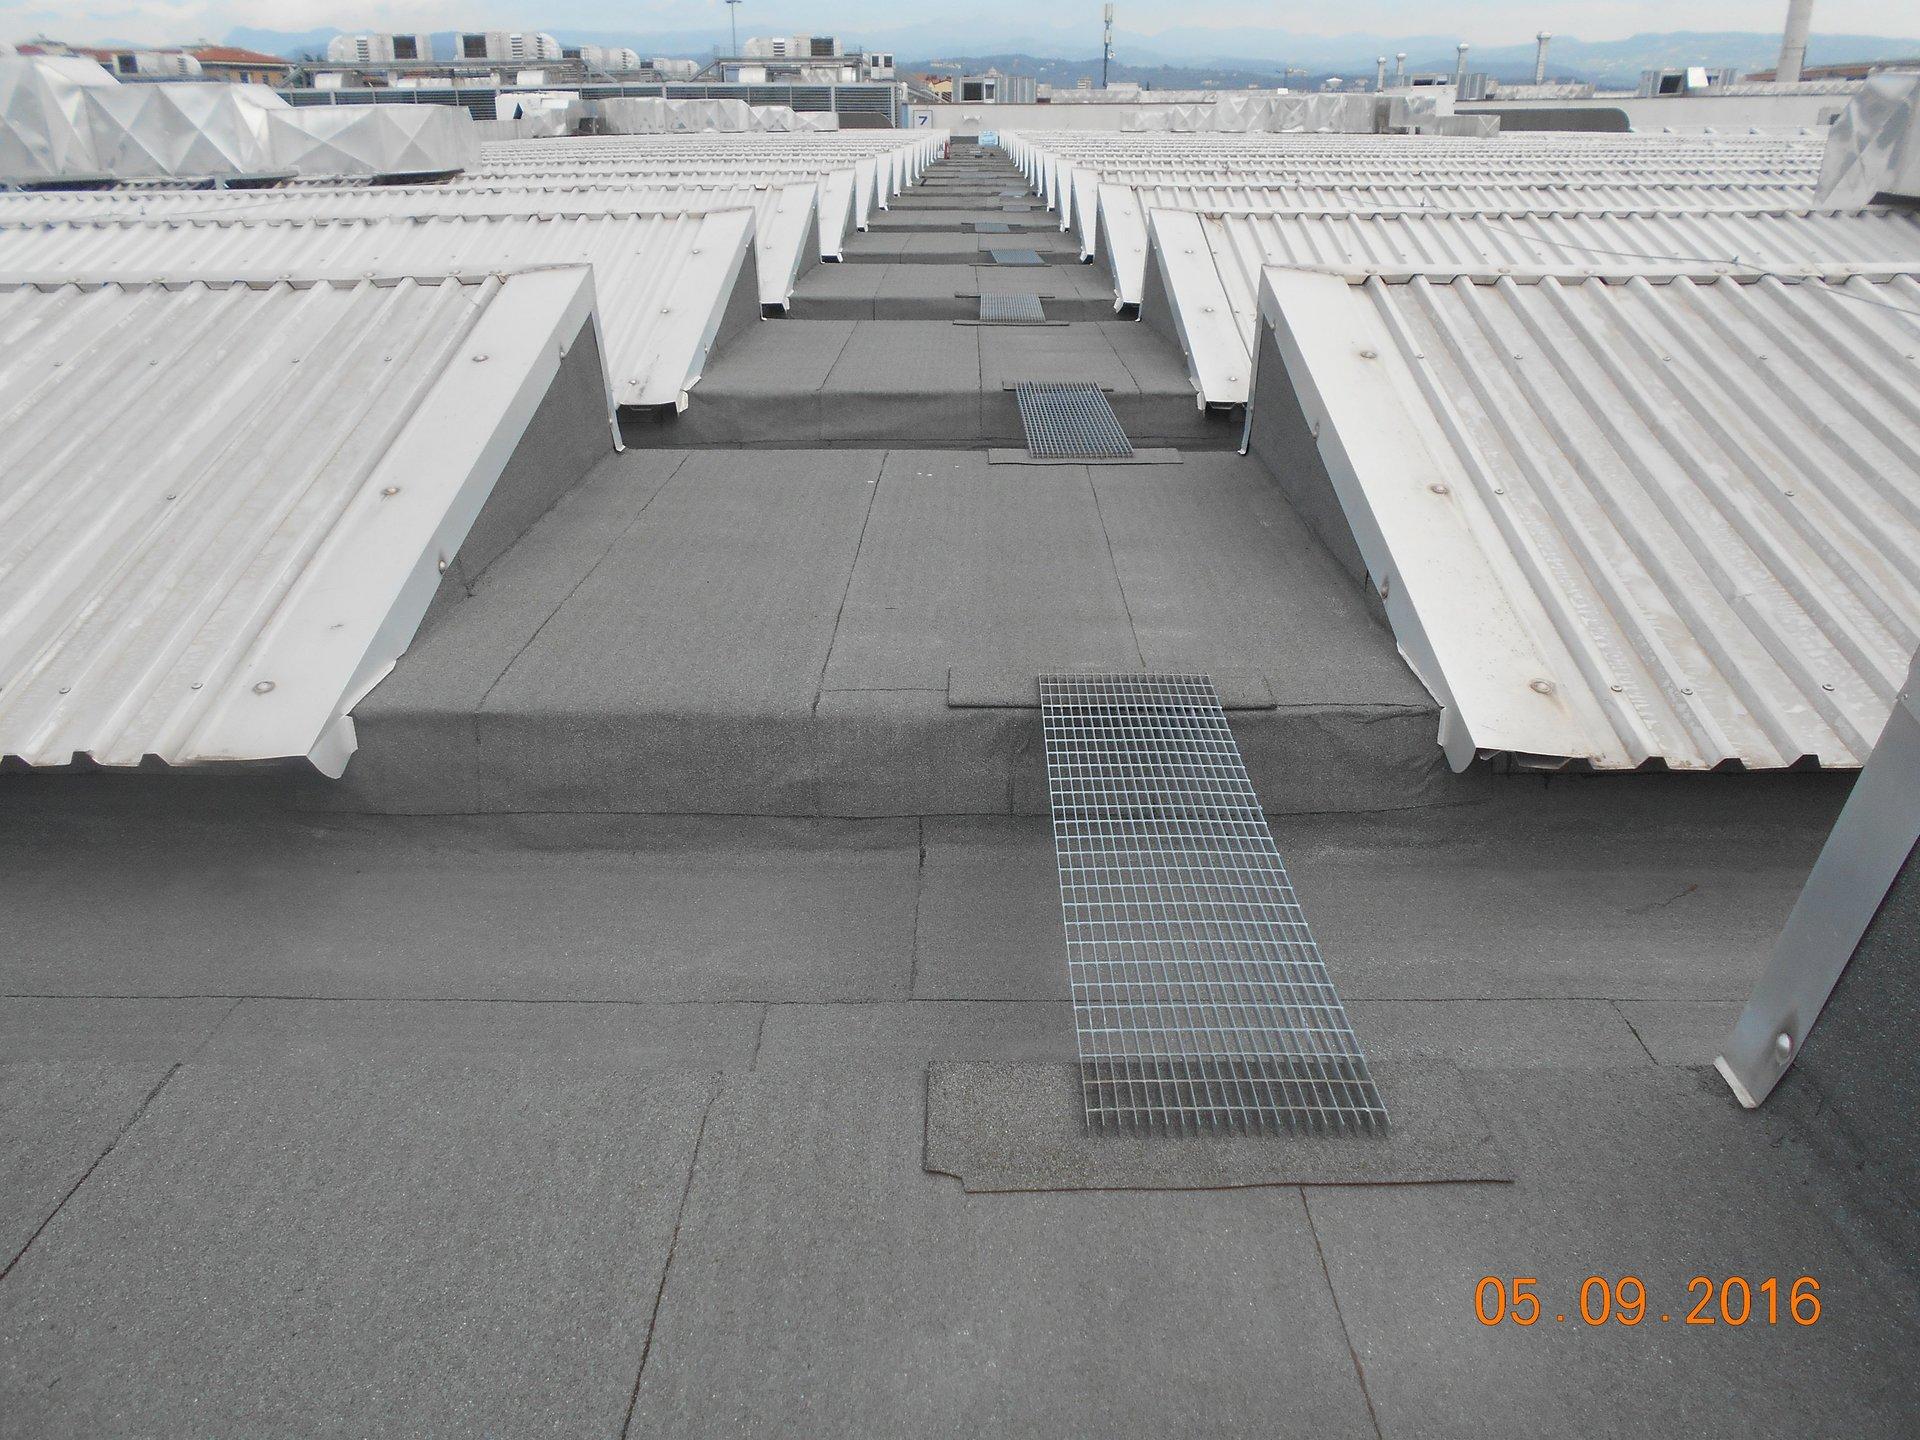 un tetto impermeabilizzato e delle piccole tettoie